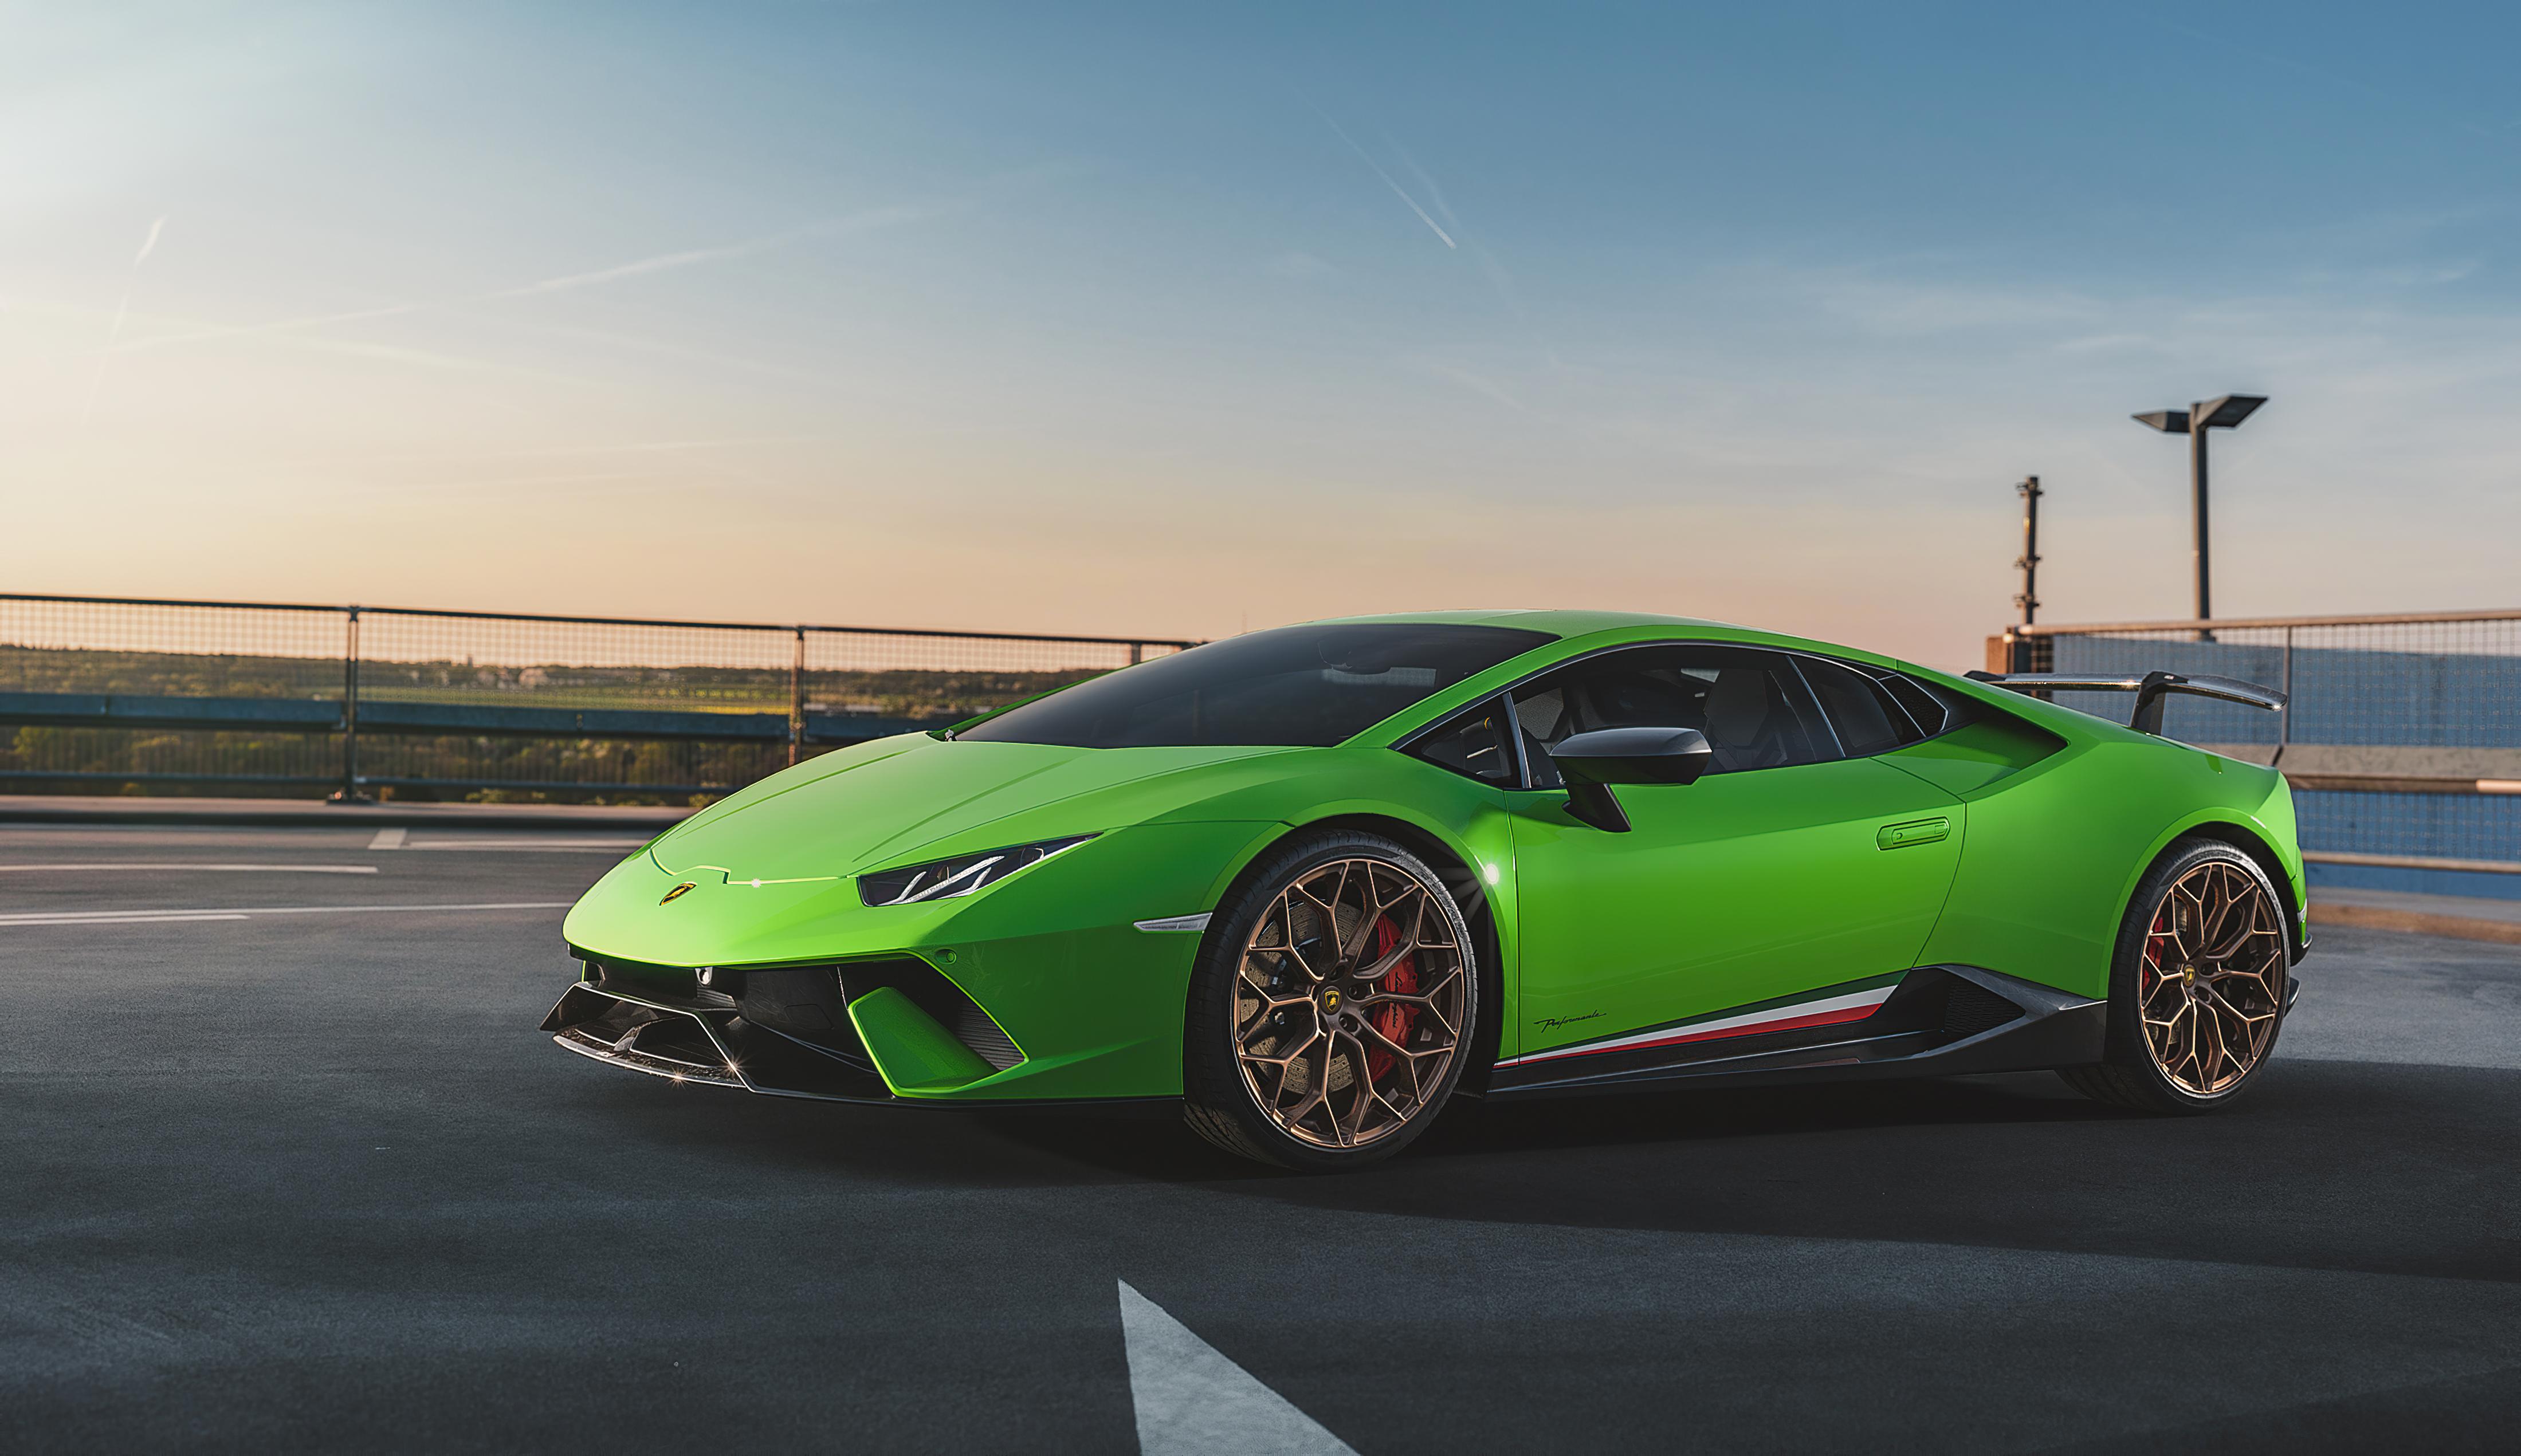 lamborghini huracan performante front 4k 1608819084 - Lamborghini Huracan Performante Front 4k - Lamborghini Huracan Performante Front 4k wallpapers